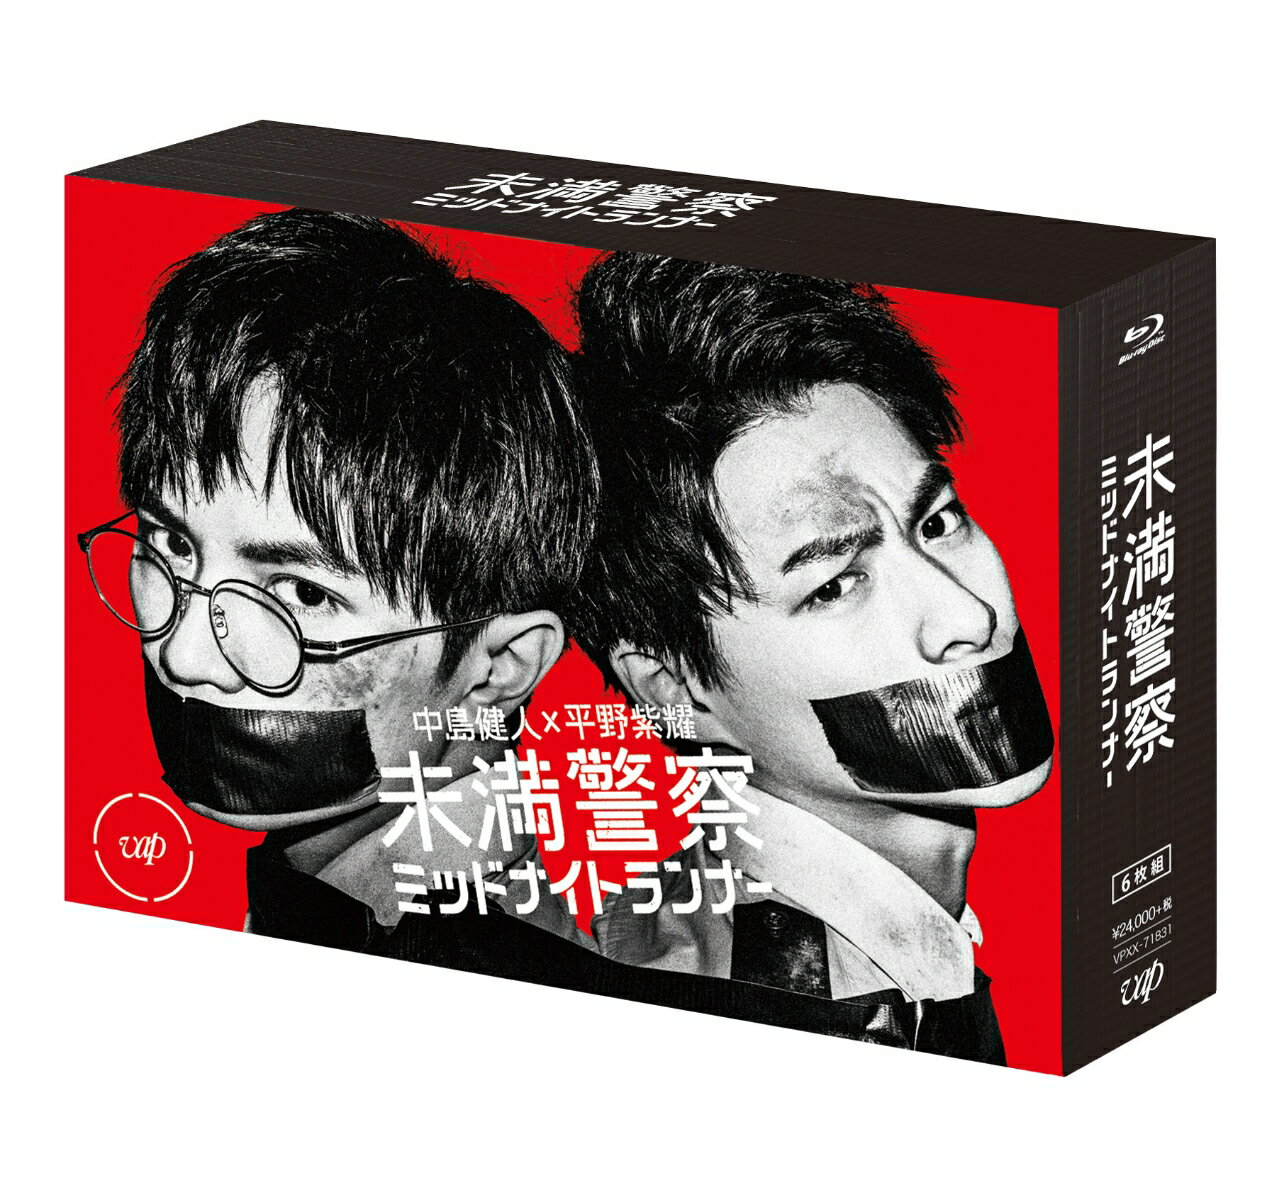 未満警察 ミッドナイトランナー Blu-ray BOX【Blu-ray】